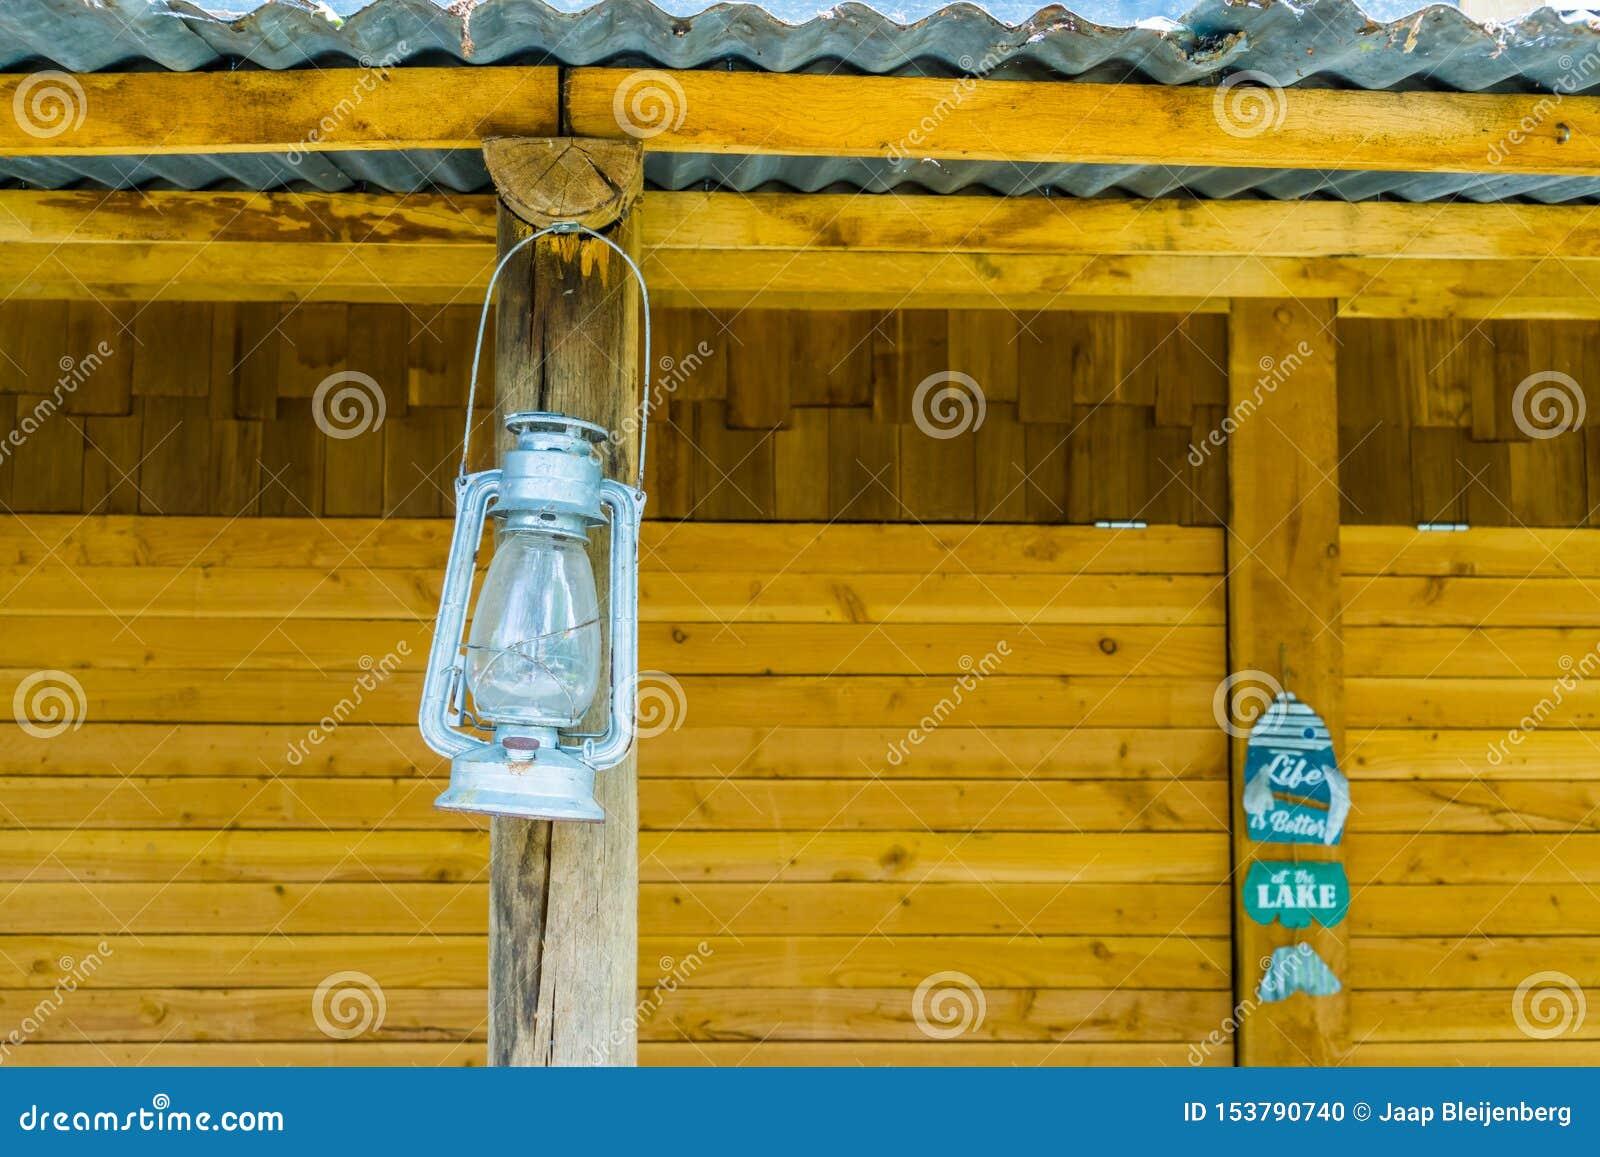 Lanterna que pendura em uma cabana da praia, iluminação nostálgica do mineiro do vintage